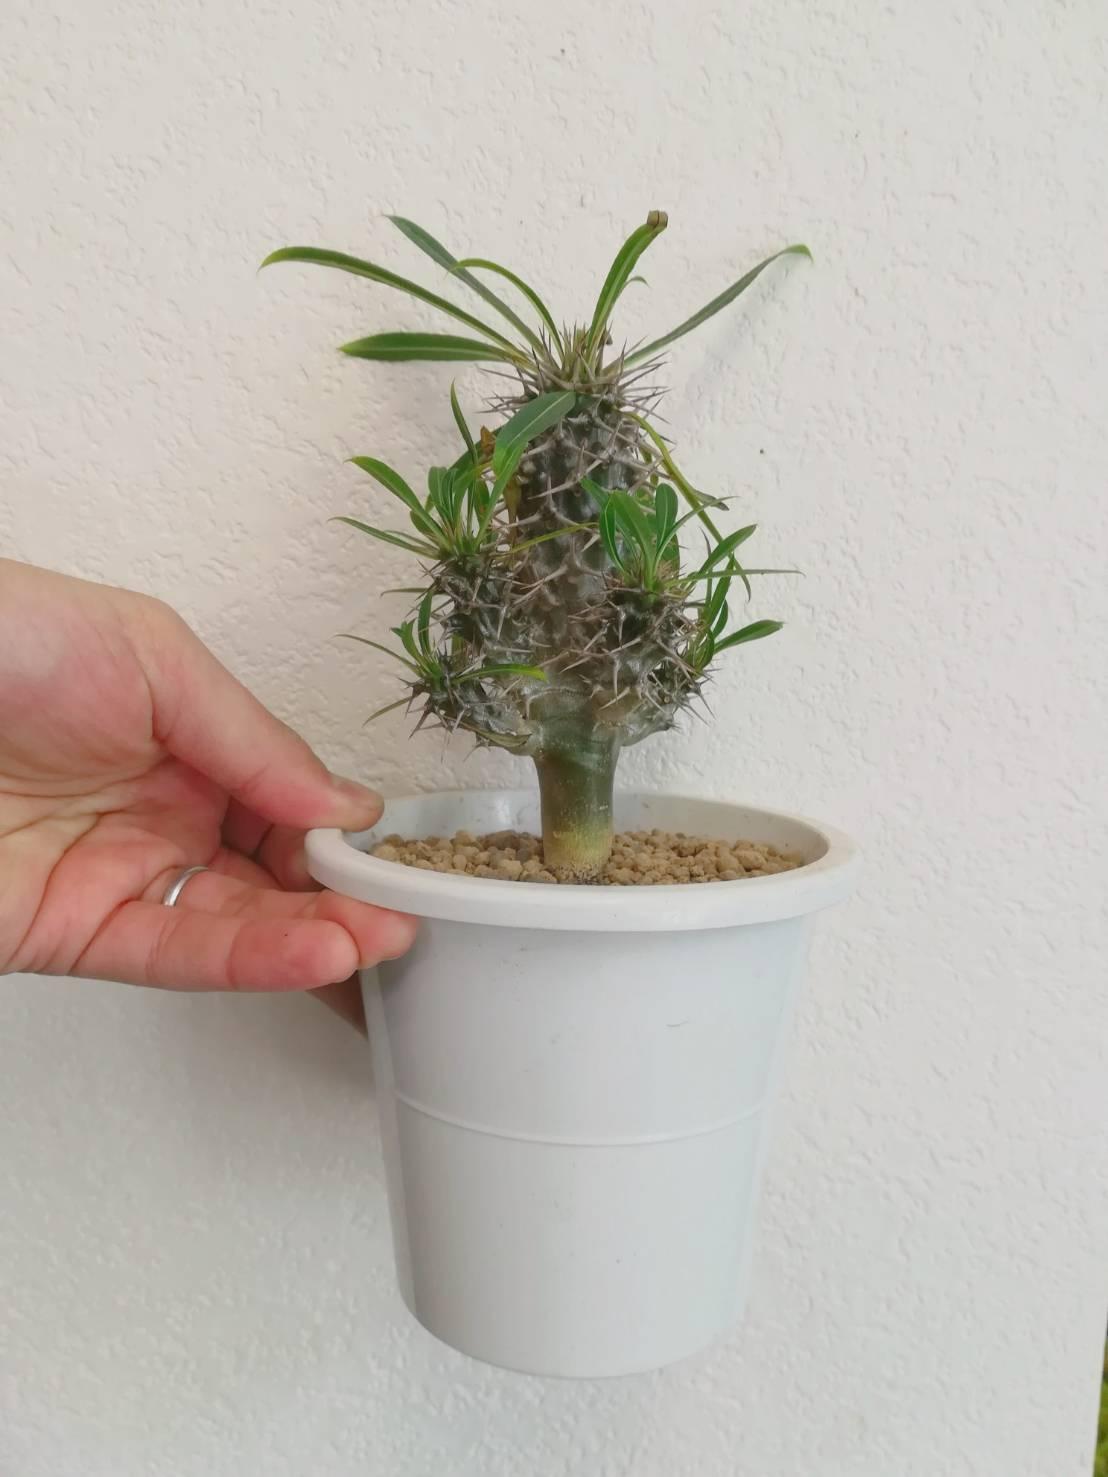 ホームセンターで買ったパキポディウム・ラメリーの植え替え。≪Pachypodium lamerei≫